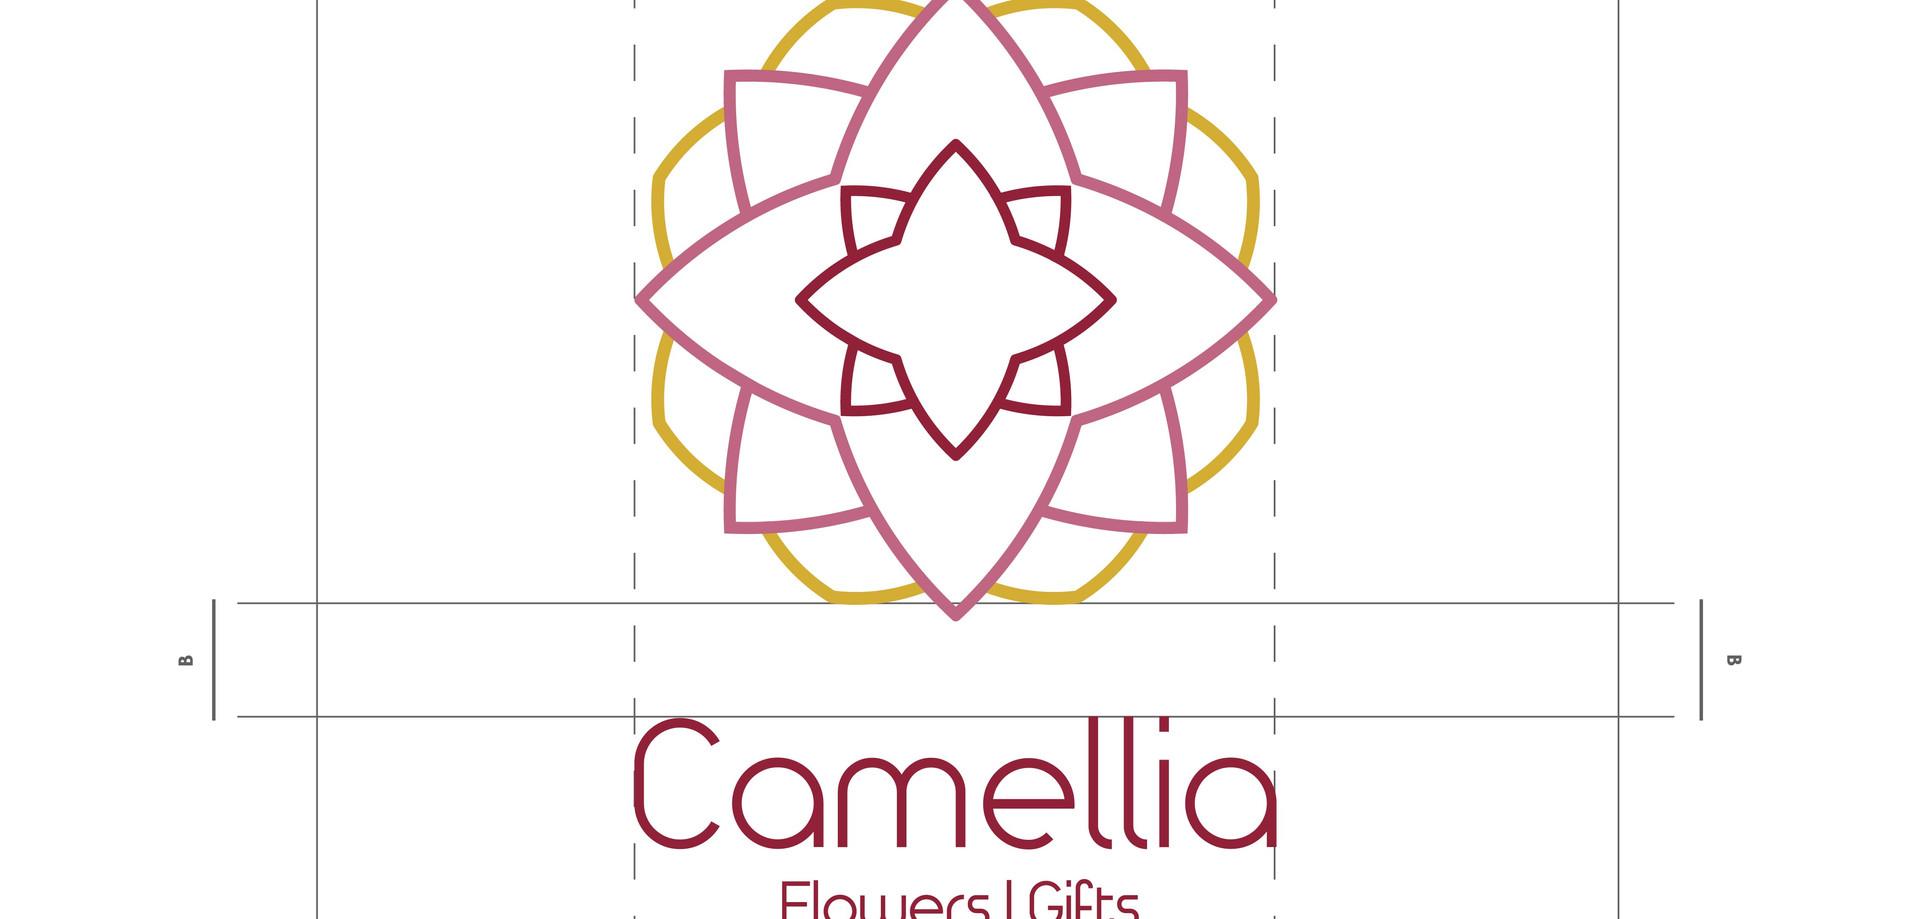 Camellia - M3.jpg